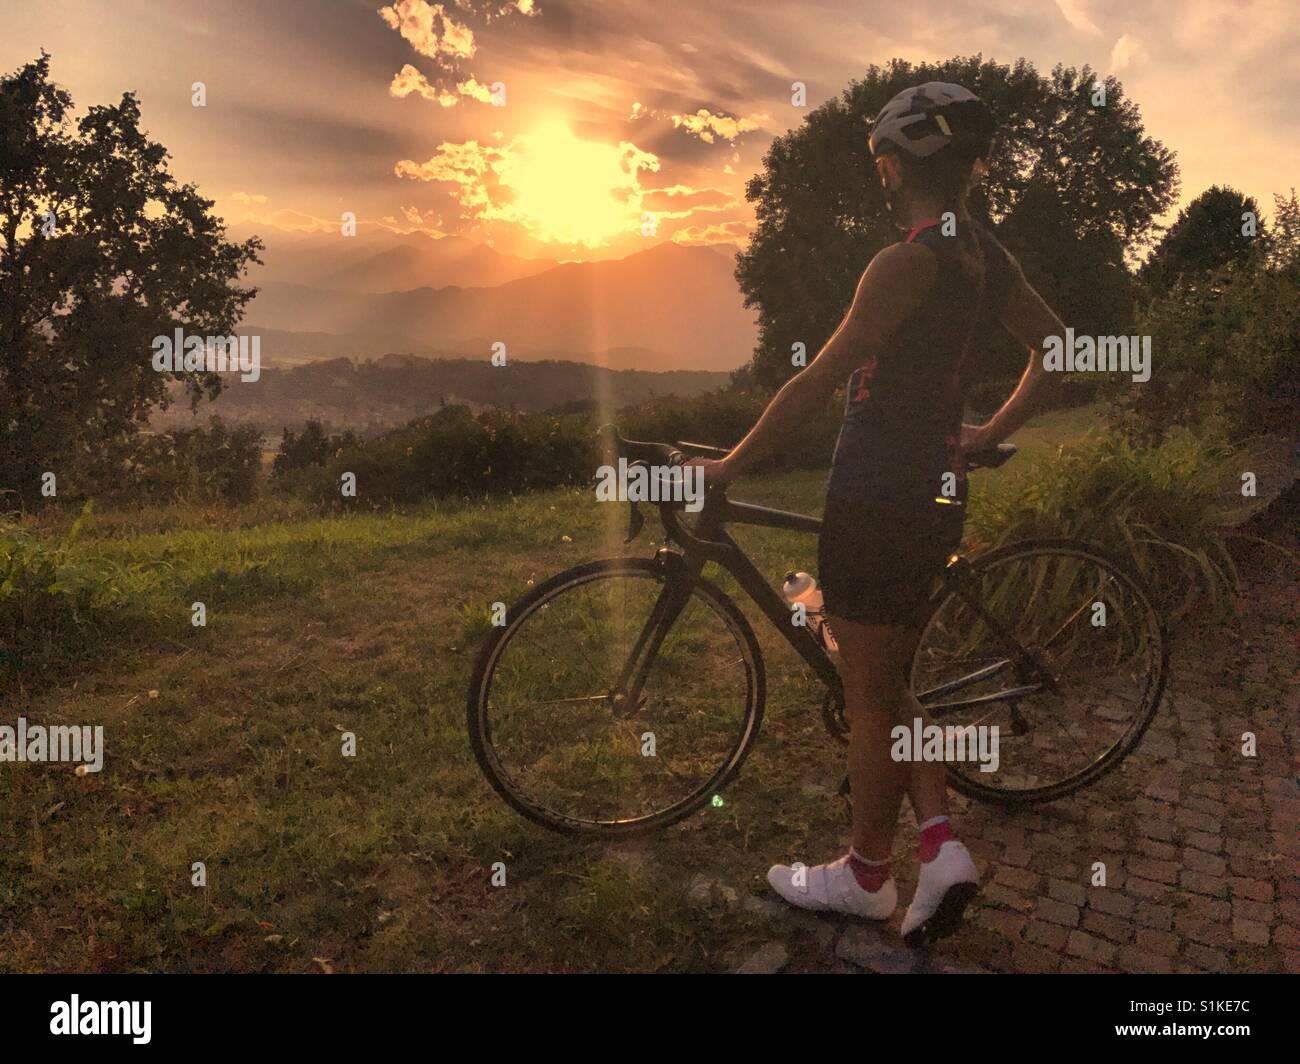 Estate Escursioni in bicicletta al tramonto Immagini Stock